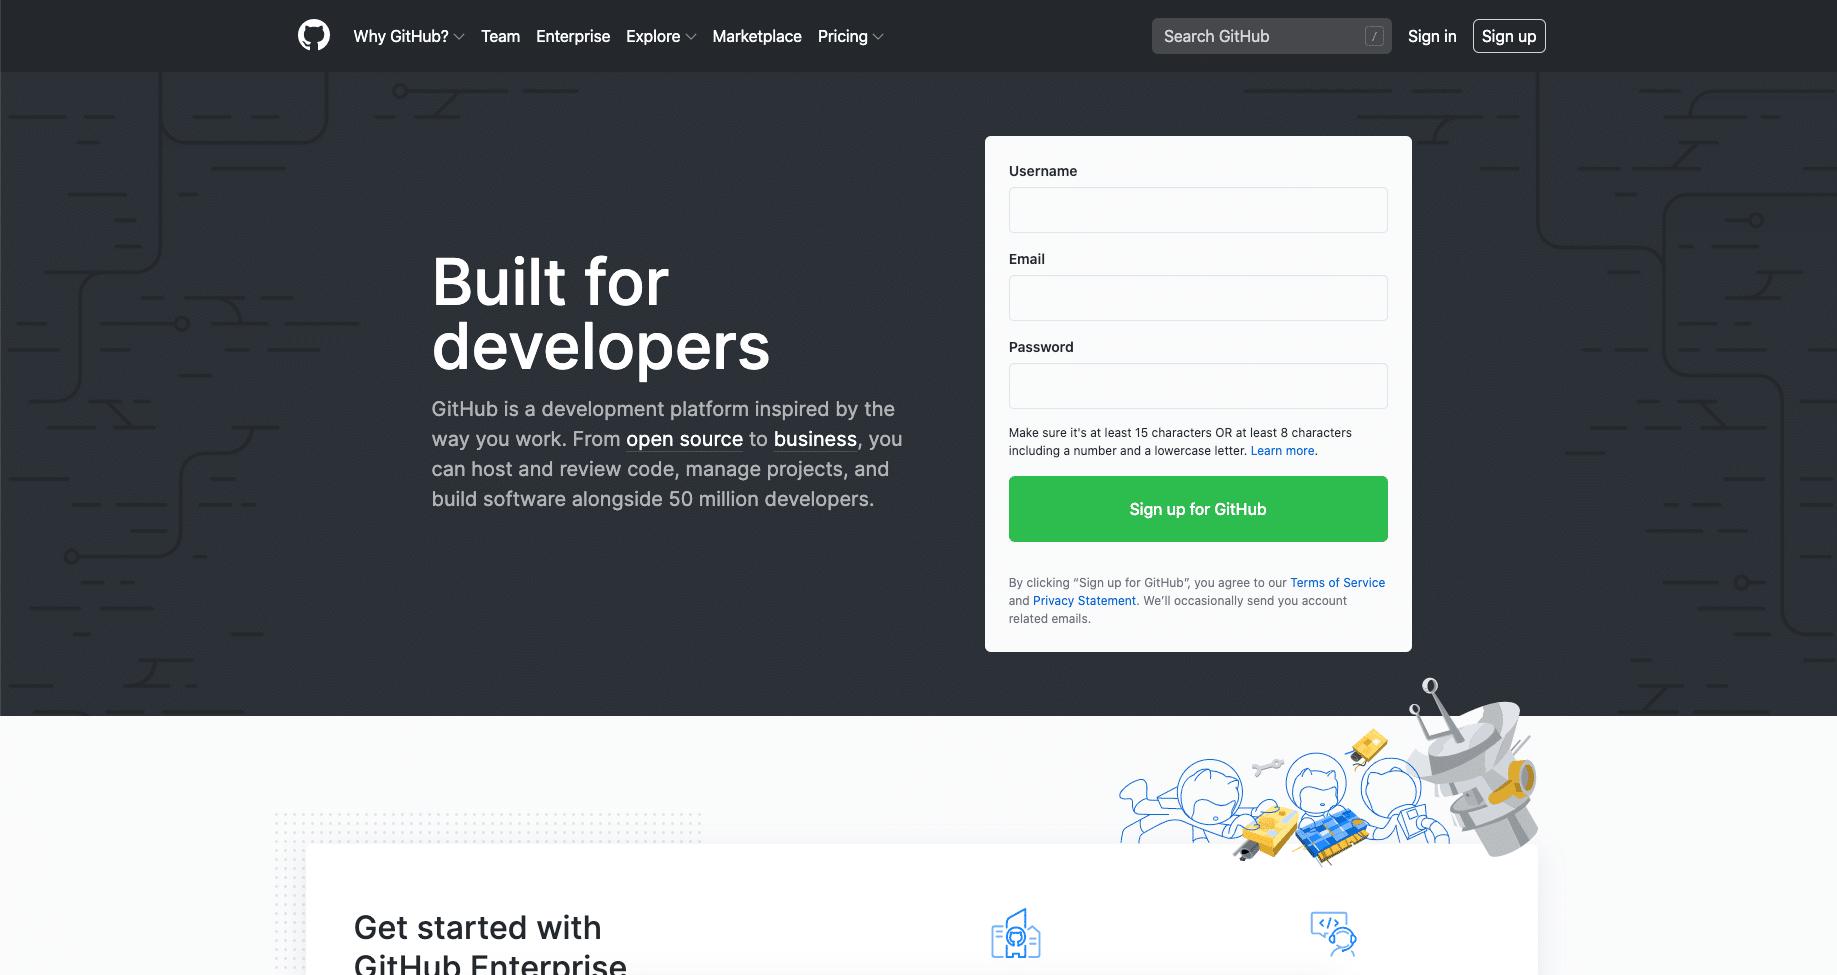 La página de inicio del sitio web de GitHub